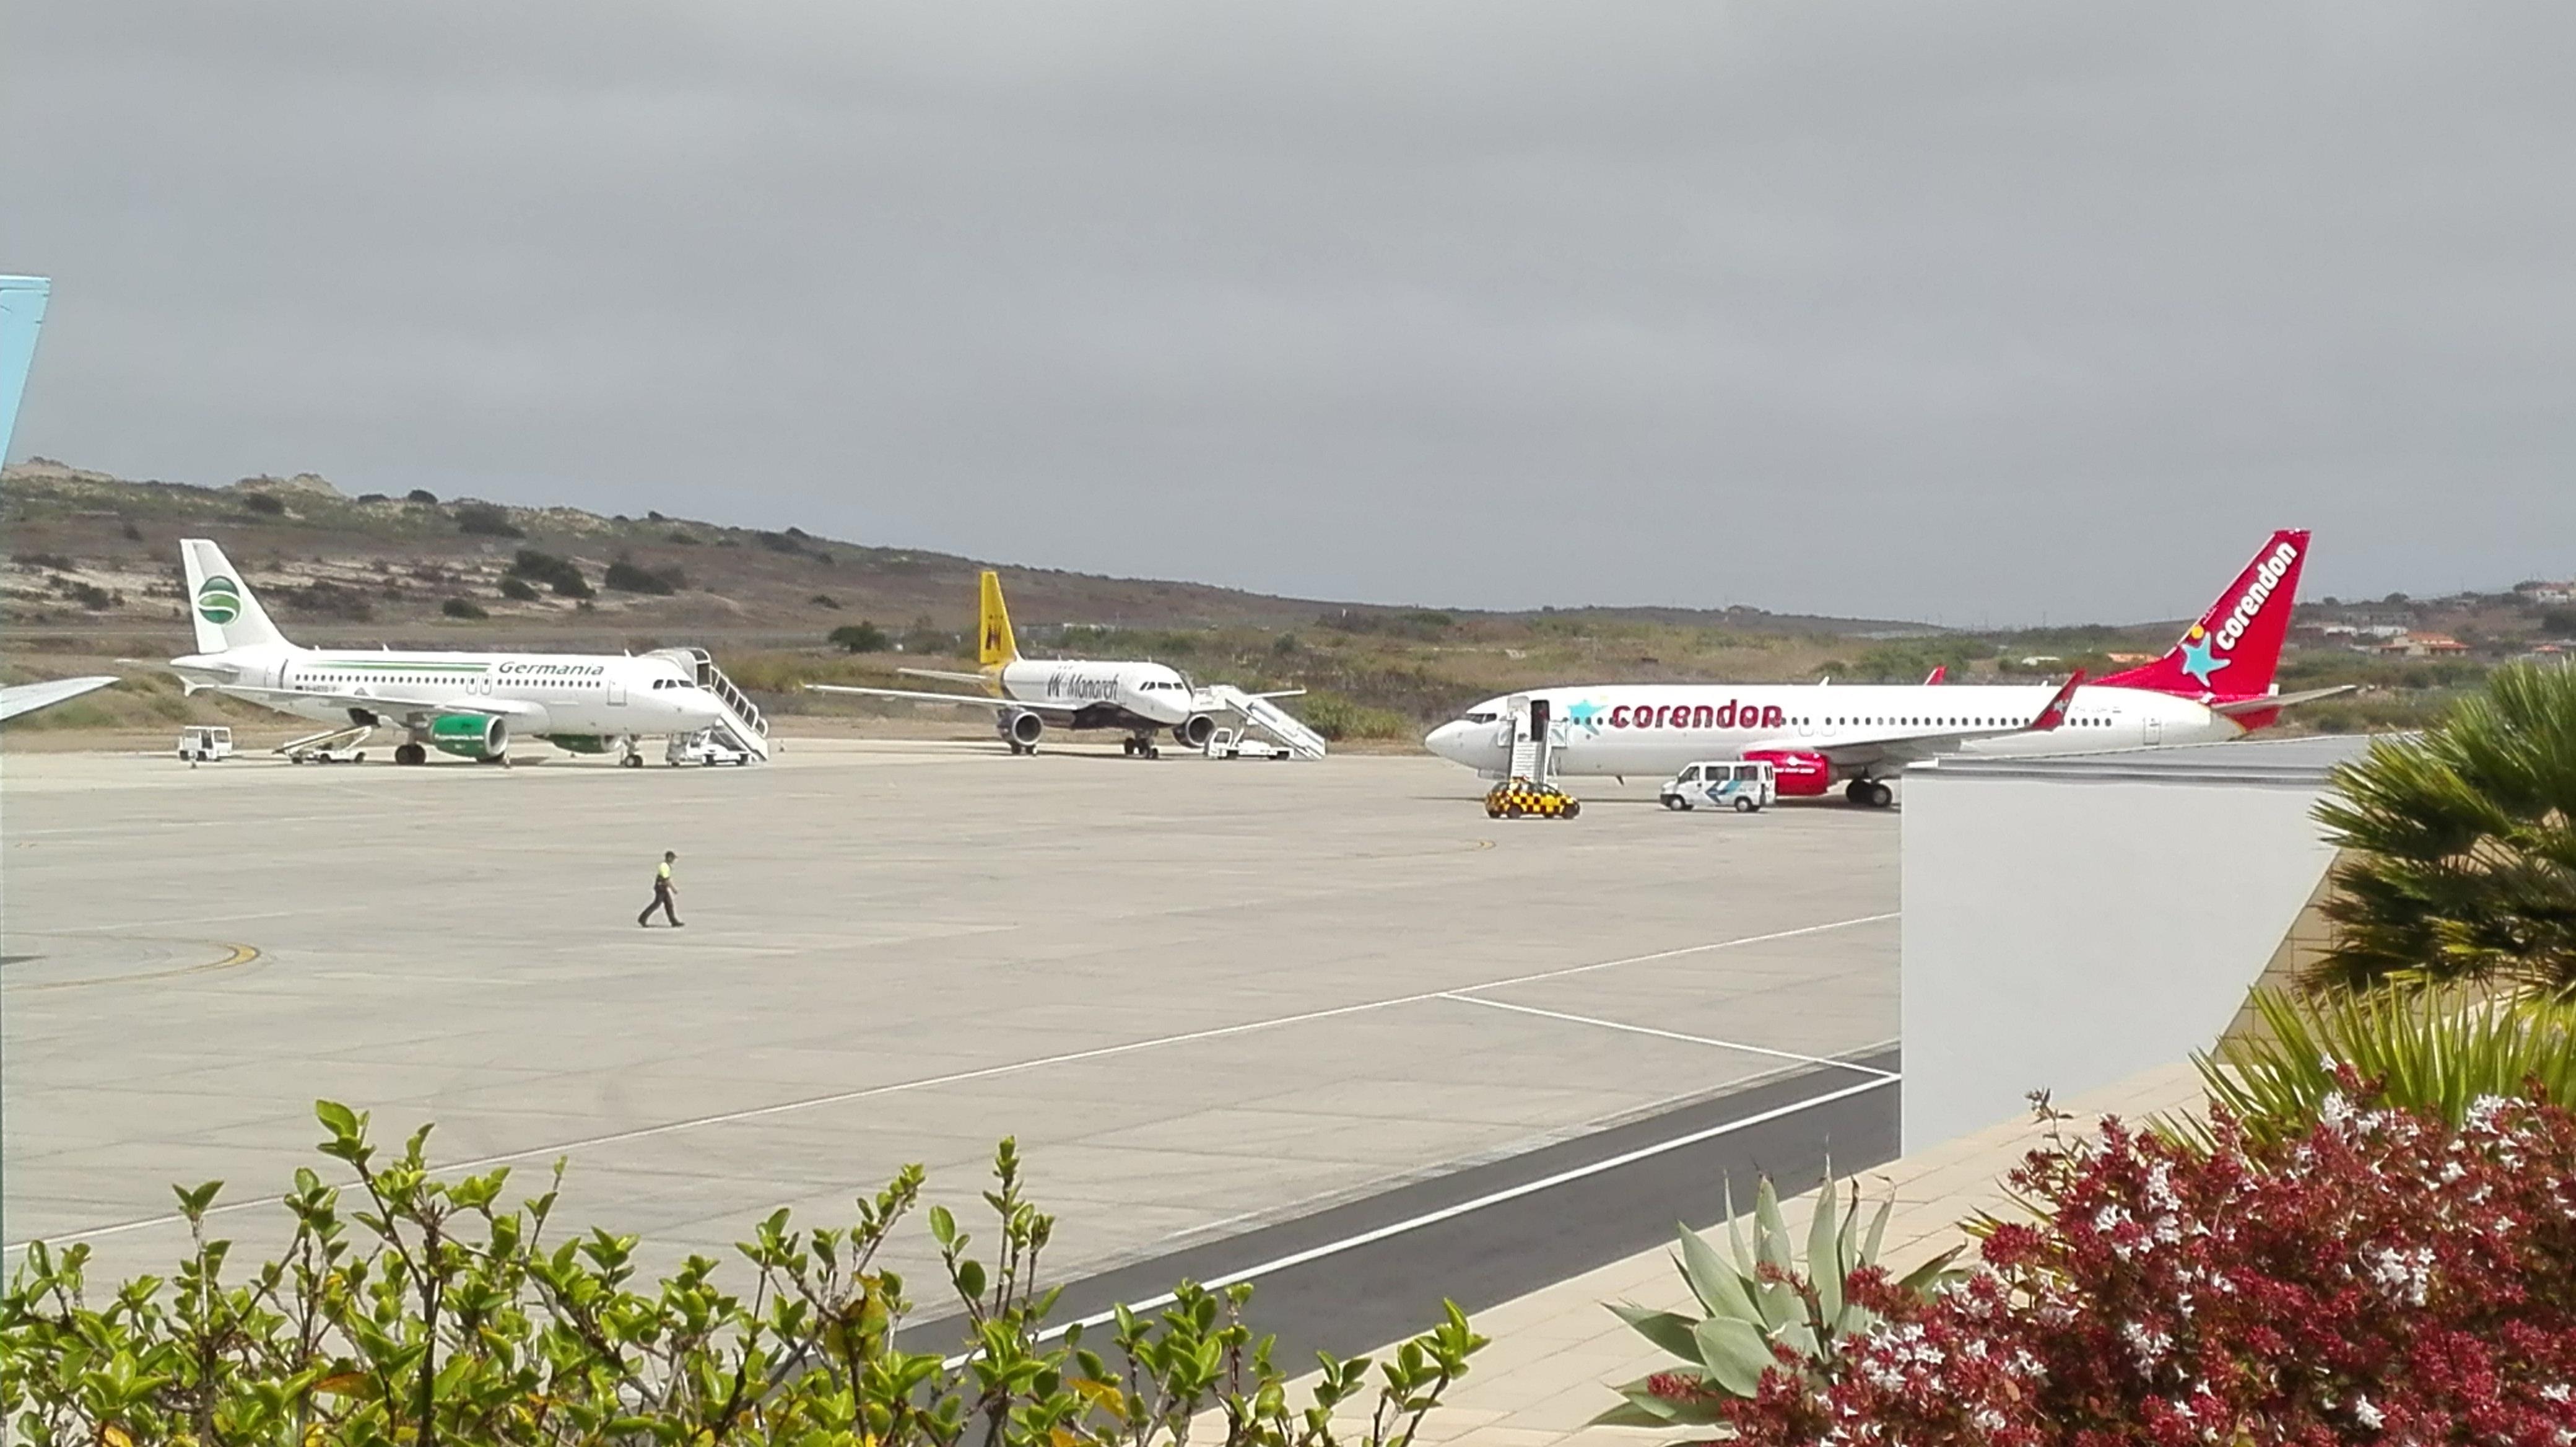 Aeroporto Do : Aeroporto de montevidéu o mais moderno da américa latina meus